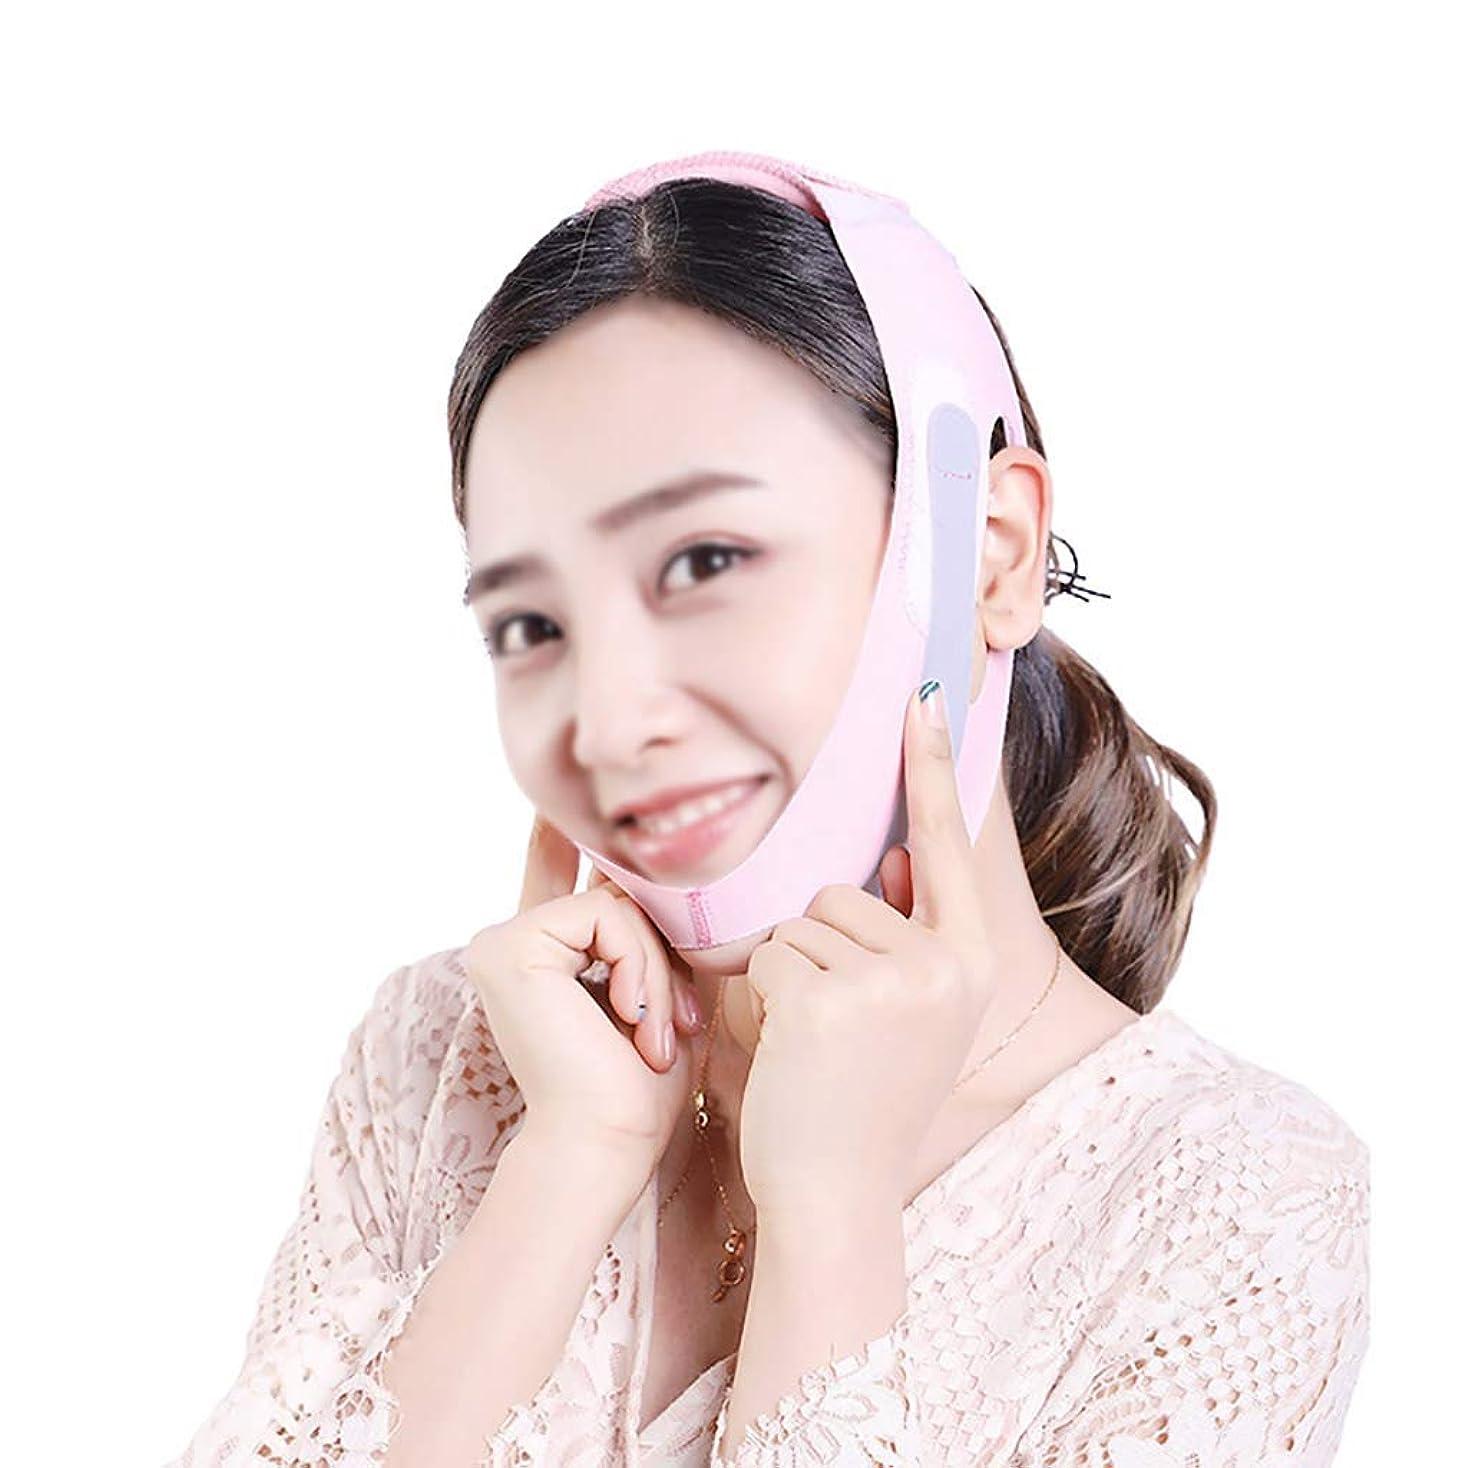 岩尊敬大気フェイシャルマスク、フェイスリフティングアーティファクト包帯リムーバーダブルチンスティックリフティングタイトなマッサージ師筋肉リフティングフェイスを垂れ防止スリミングベルト